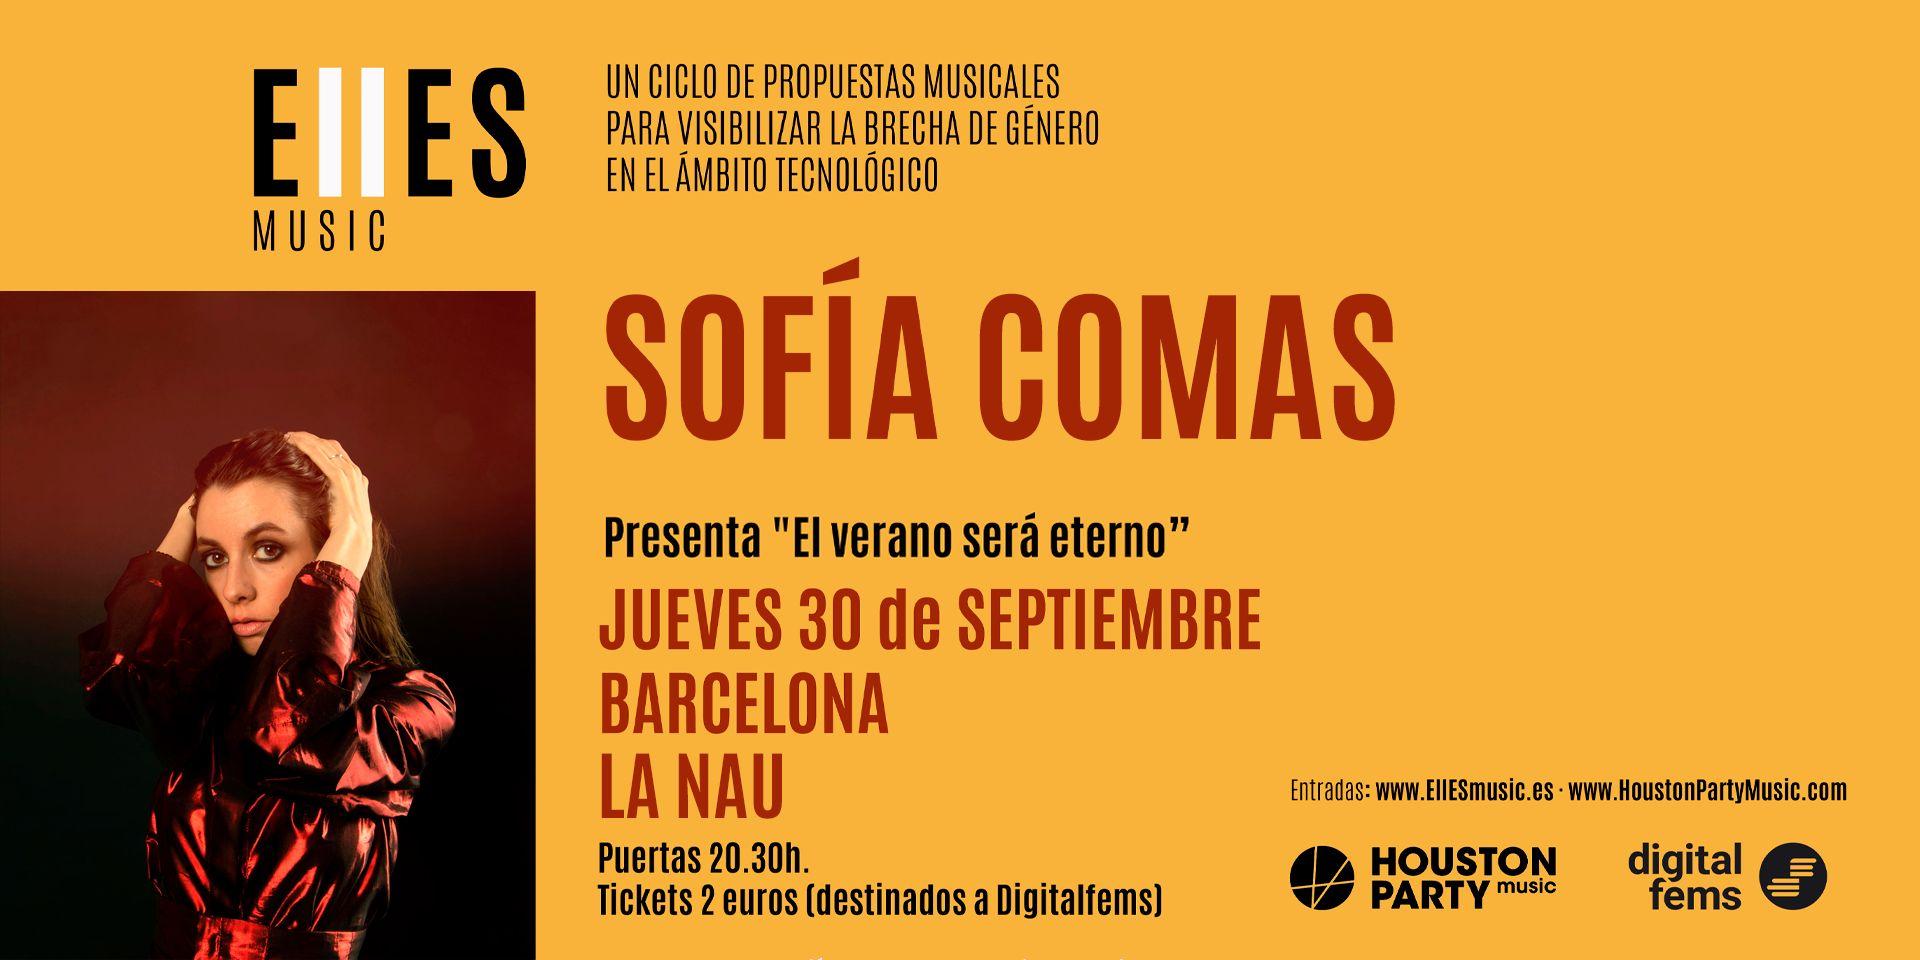 Sofía Comas en Barcelona el 30 de septiembre con EllESmusic